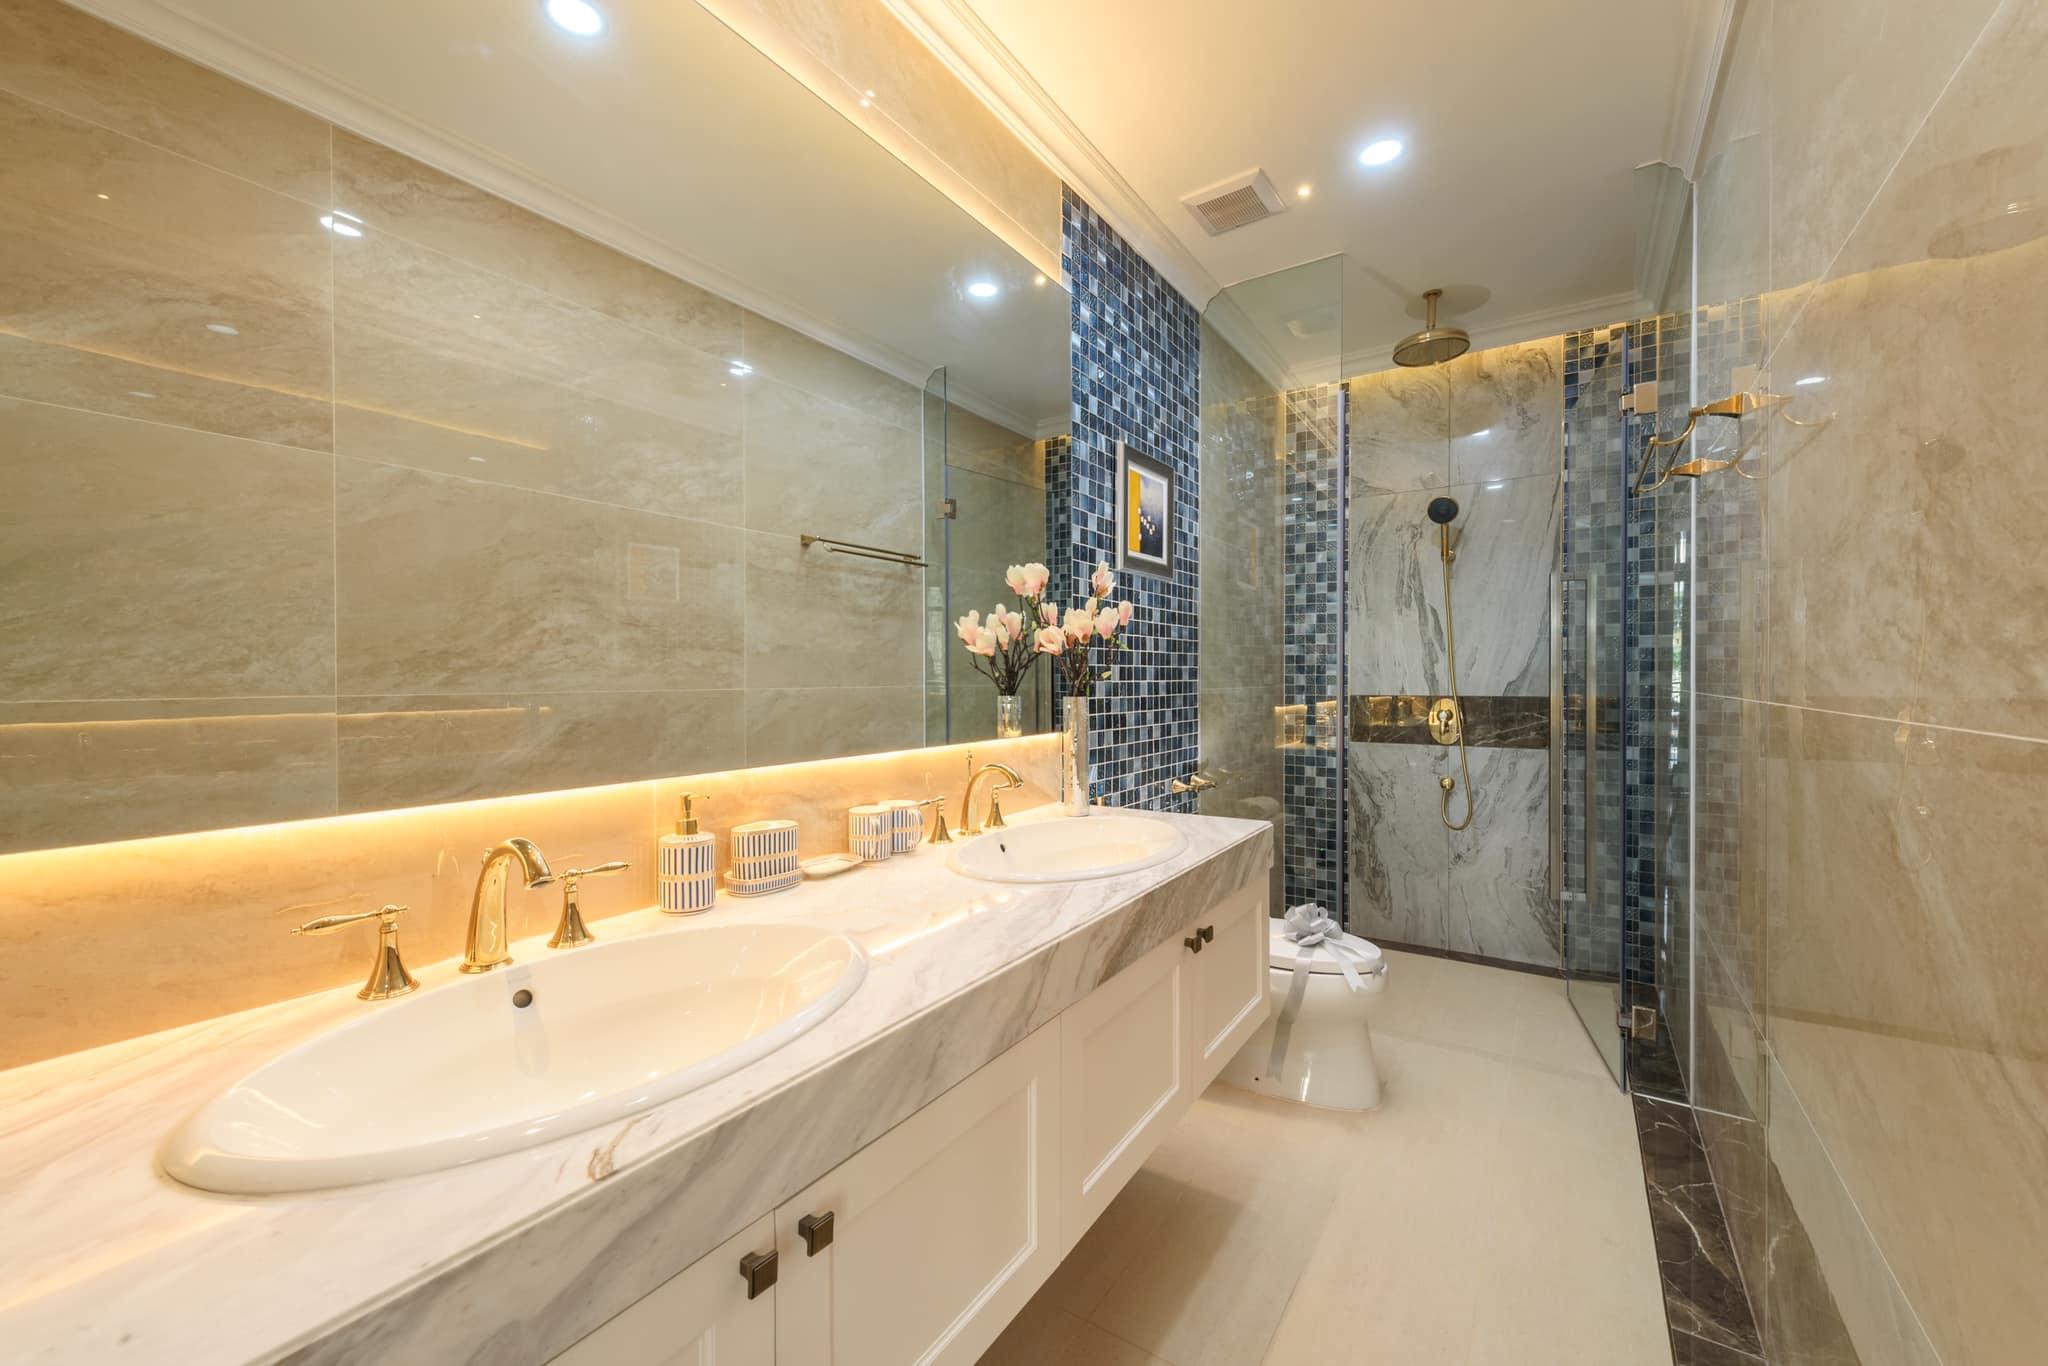 Phòng tắm kết hợp với Toilet cho chúng ta cái nhìn khác về cách thiết kế khu vực này - Khang Điền HCM